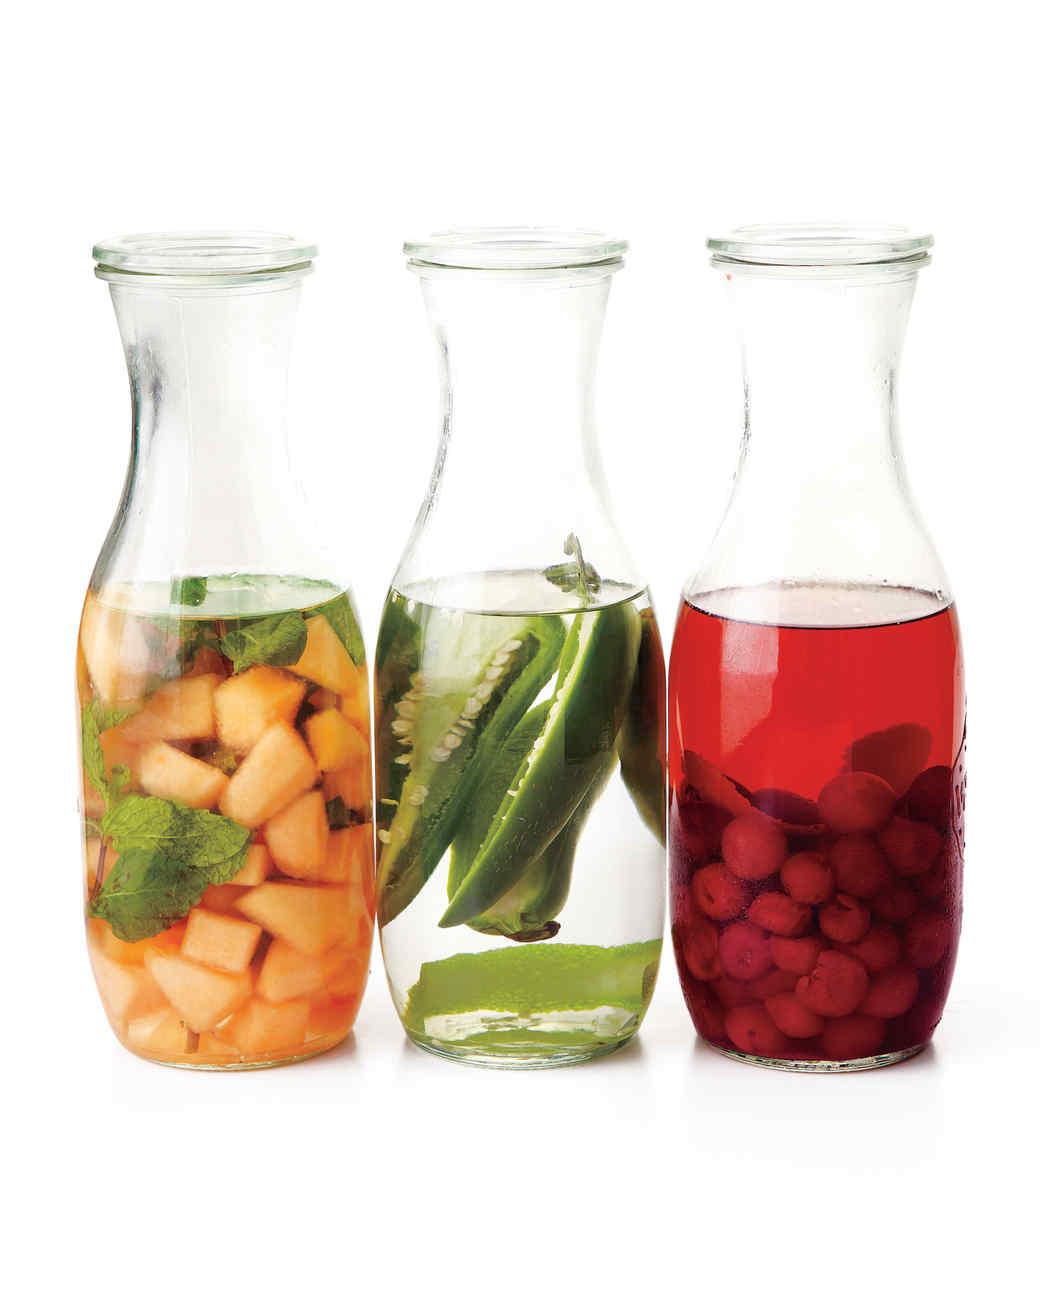 flavored-liquor-med108679.jpg